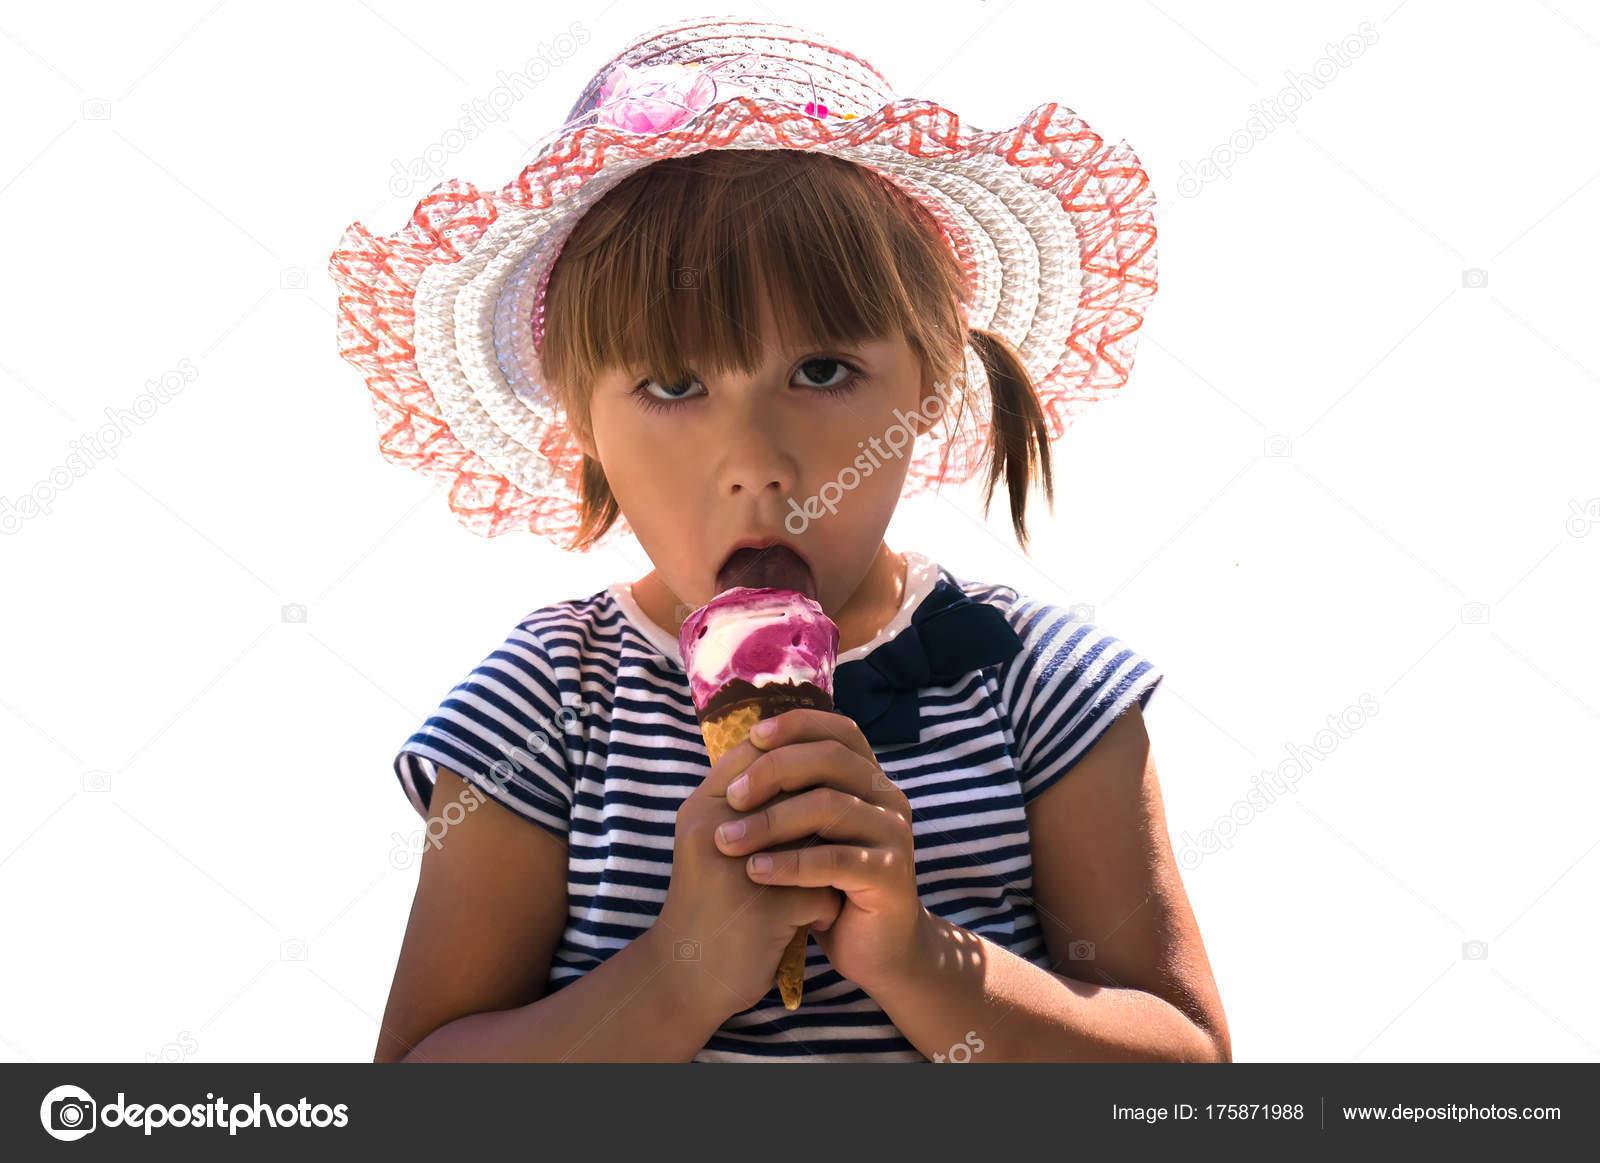 Colpo isolato della bambina sveglia con gli occhi marroni e capelli castano  scuro 3785c7c92d5b